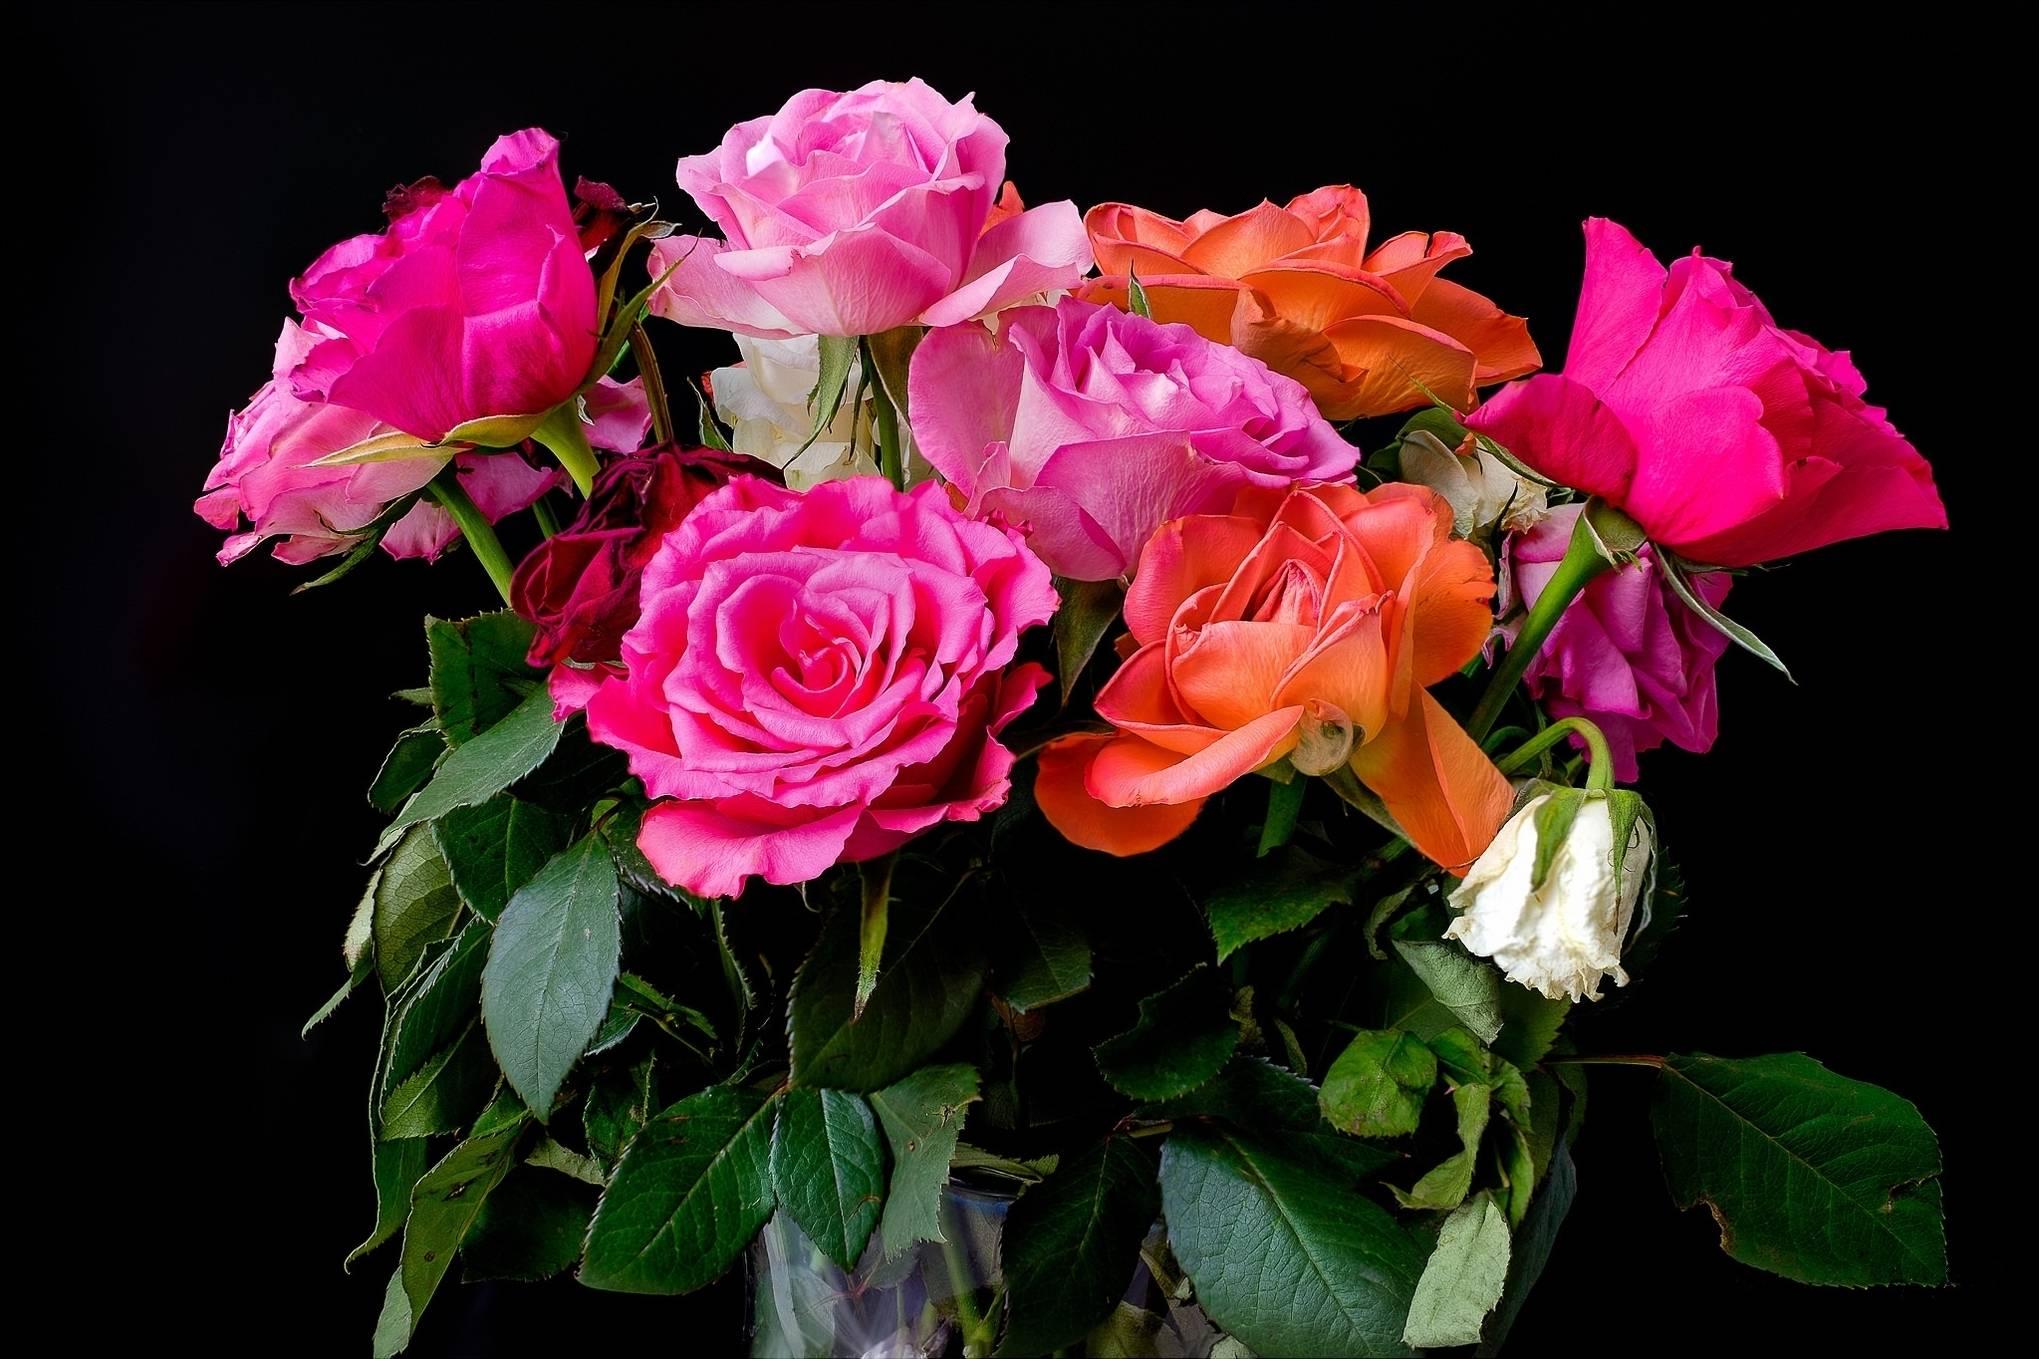 роза, розы, букет